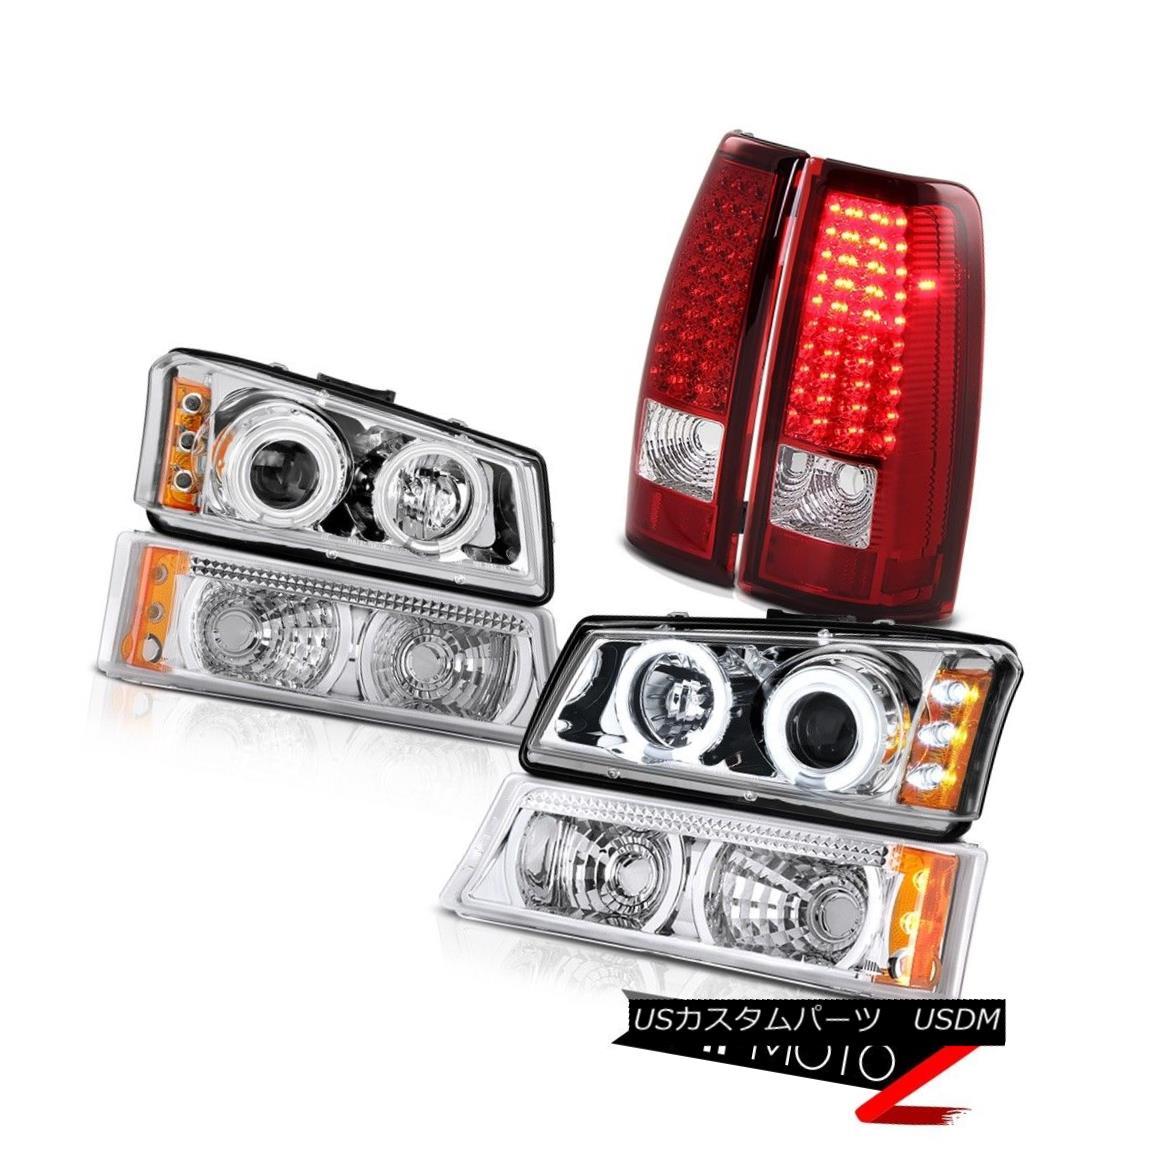 テールライト Halo Angel Eye Headlight Chrome Bumper Signal Tail Light 2003-2006 Silverado LTZ ハローエンジェルアイヘッドライトクロムバンパー信号テールライト2003-2006 Silverado LTZ